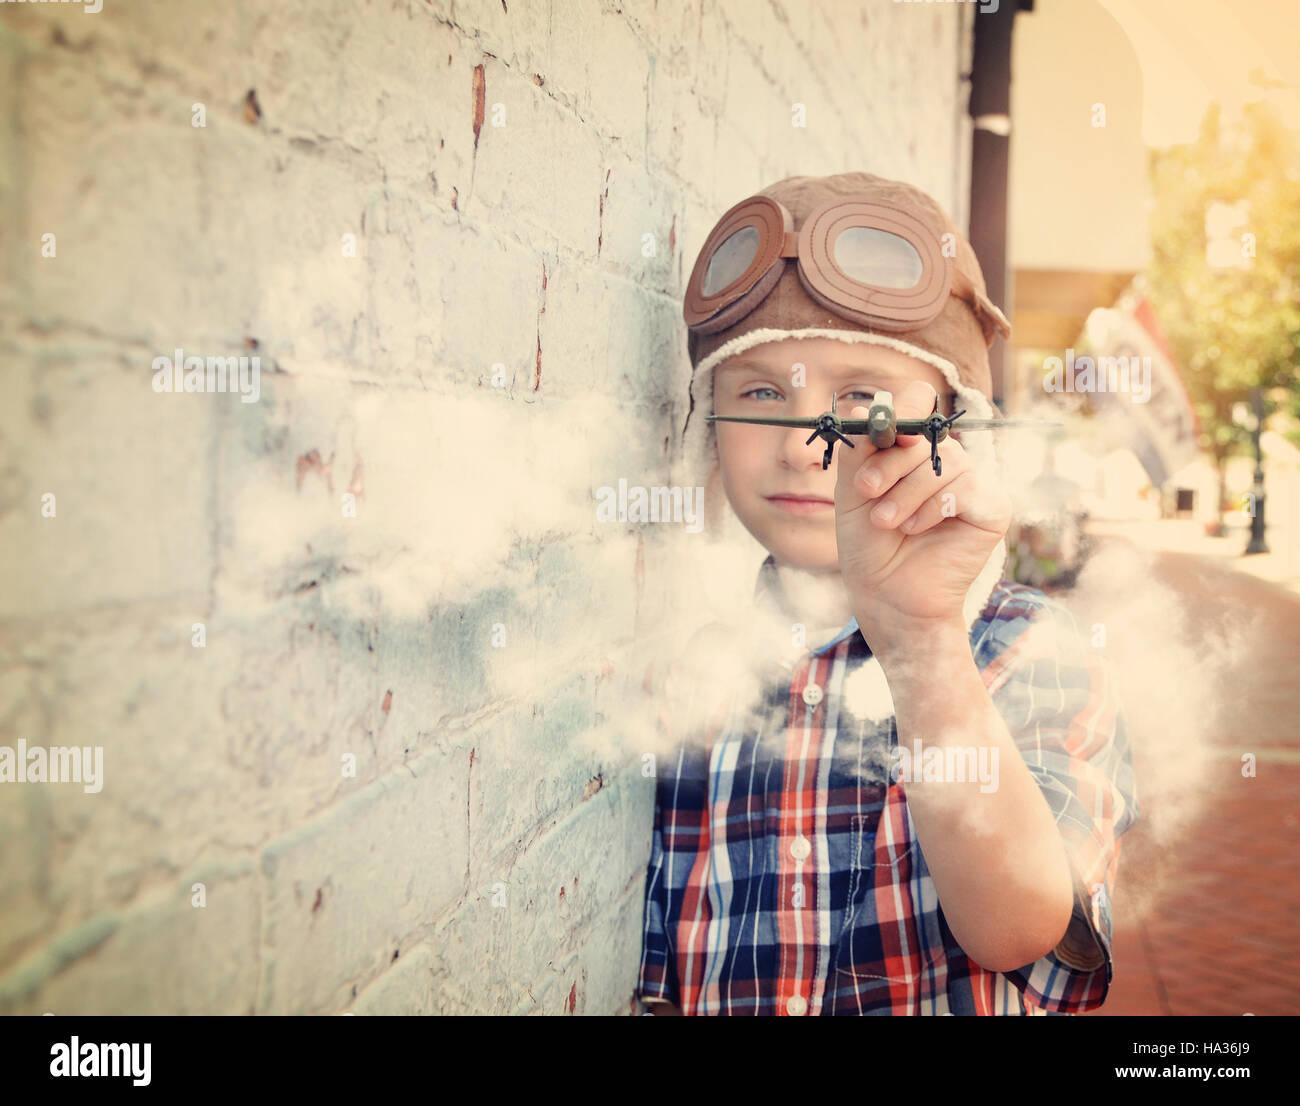 Un jeune garçon fait semblant d'être un pilote et jouant avec un avion jouet contre un mur de briques Photo Stock